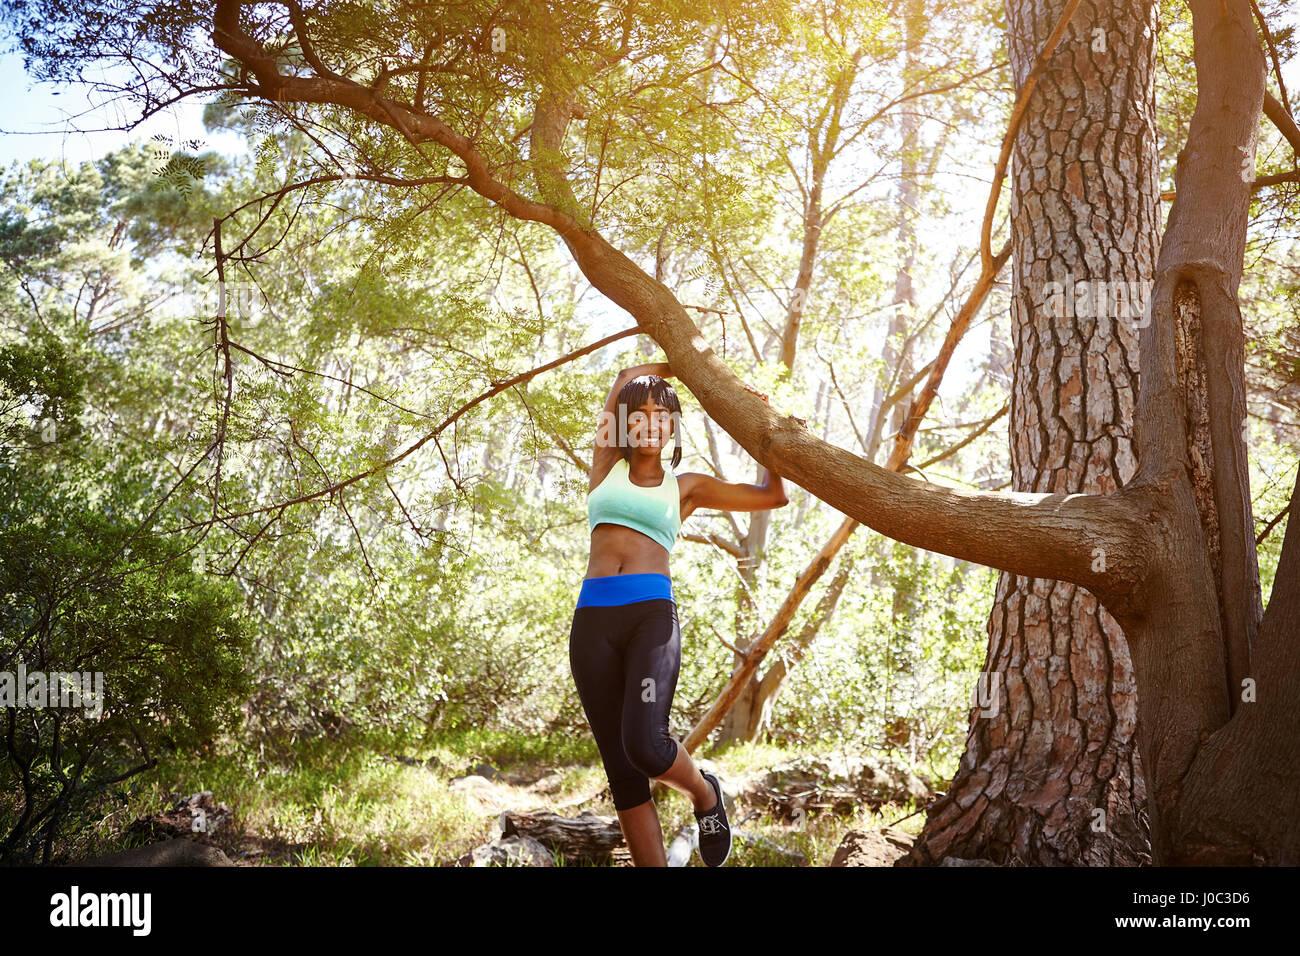 Porträt der jungen Frau mit Sportkleidung, in ländlicher Umgebung Stockbild